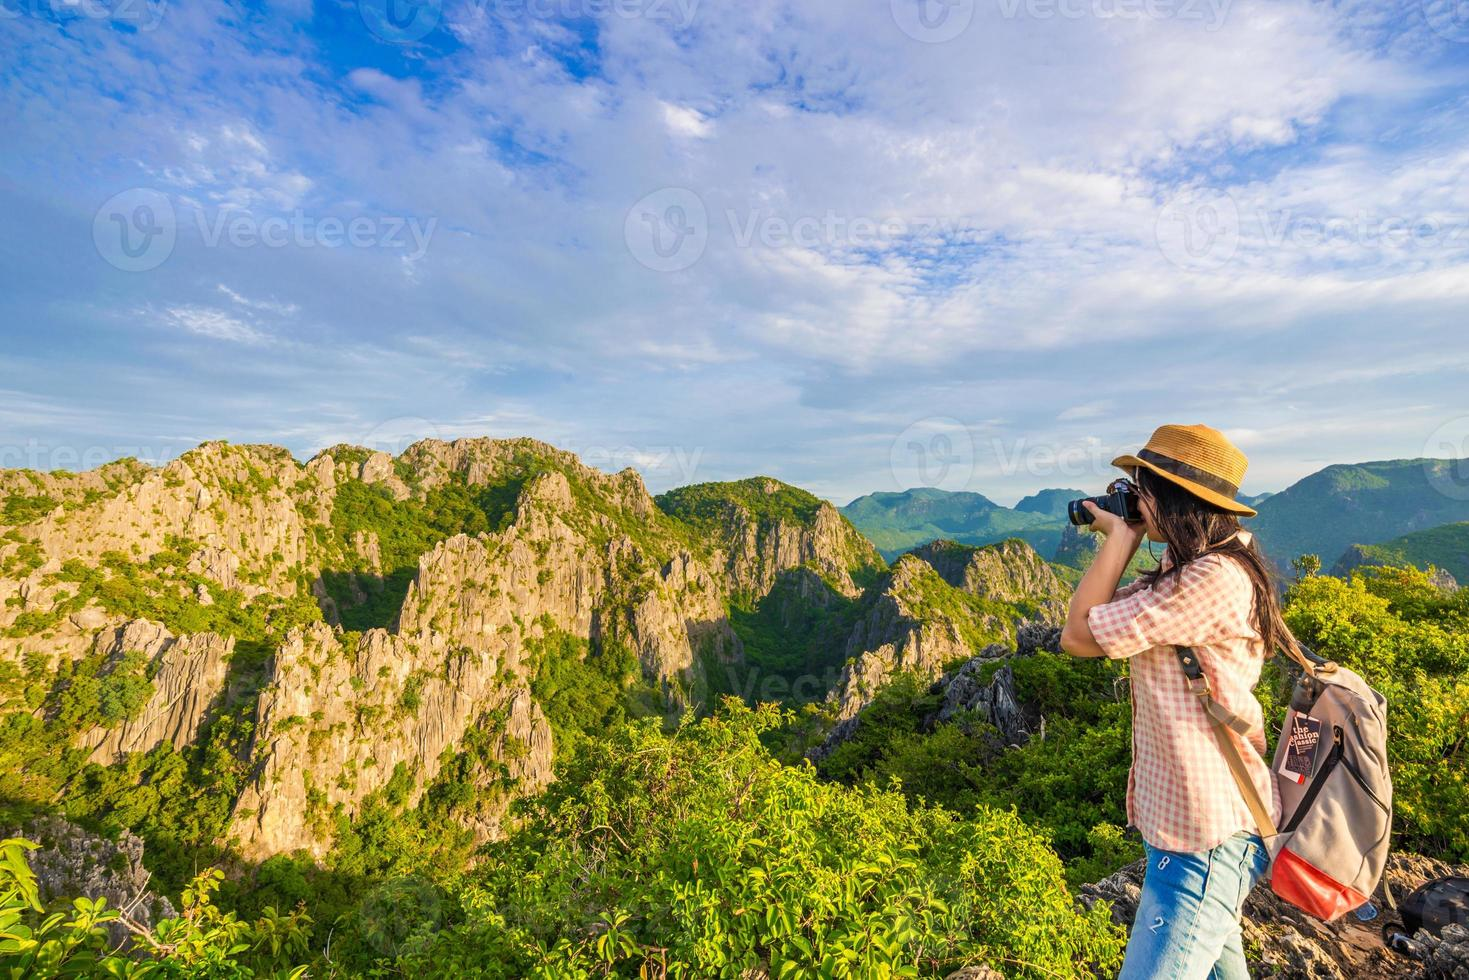 vandrare kvinna med kamera njuta av utsikten vid soluppgången foto